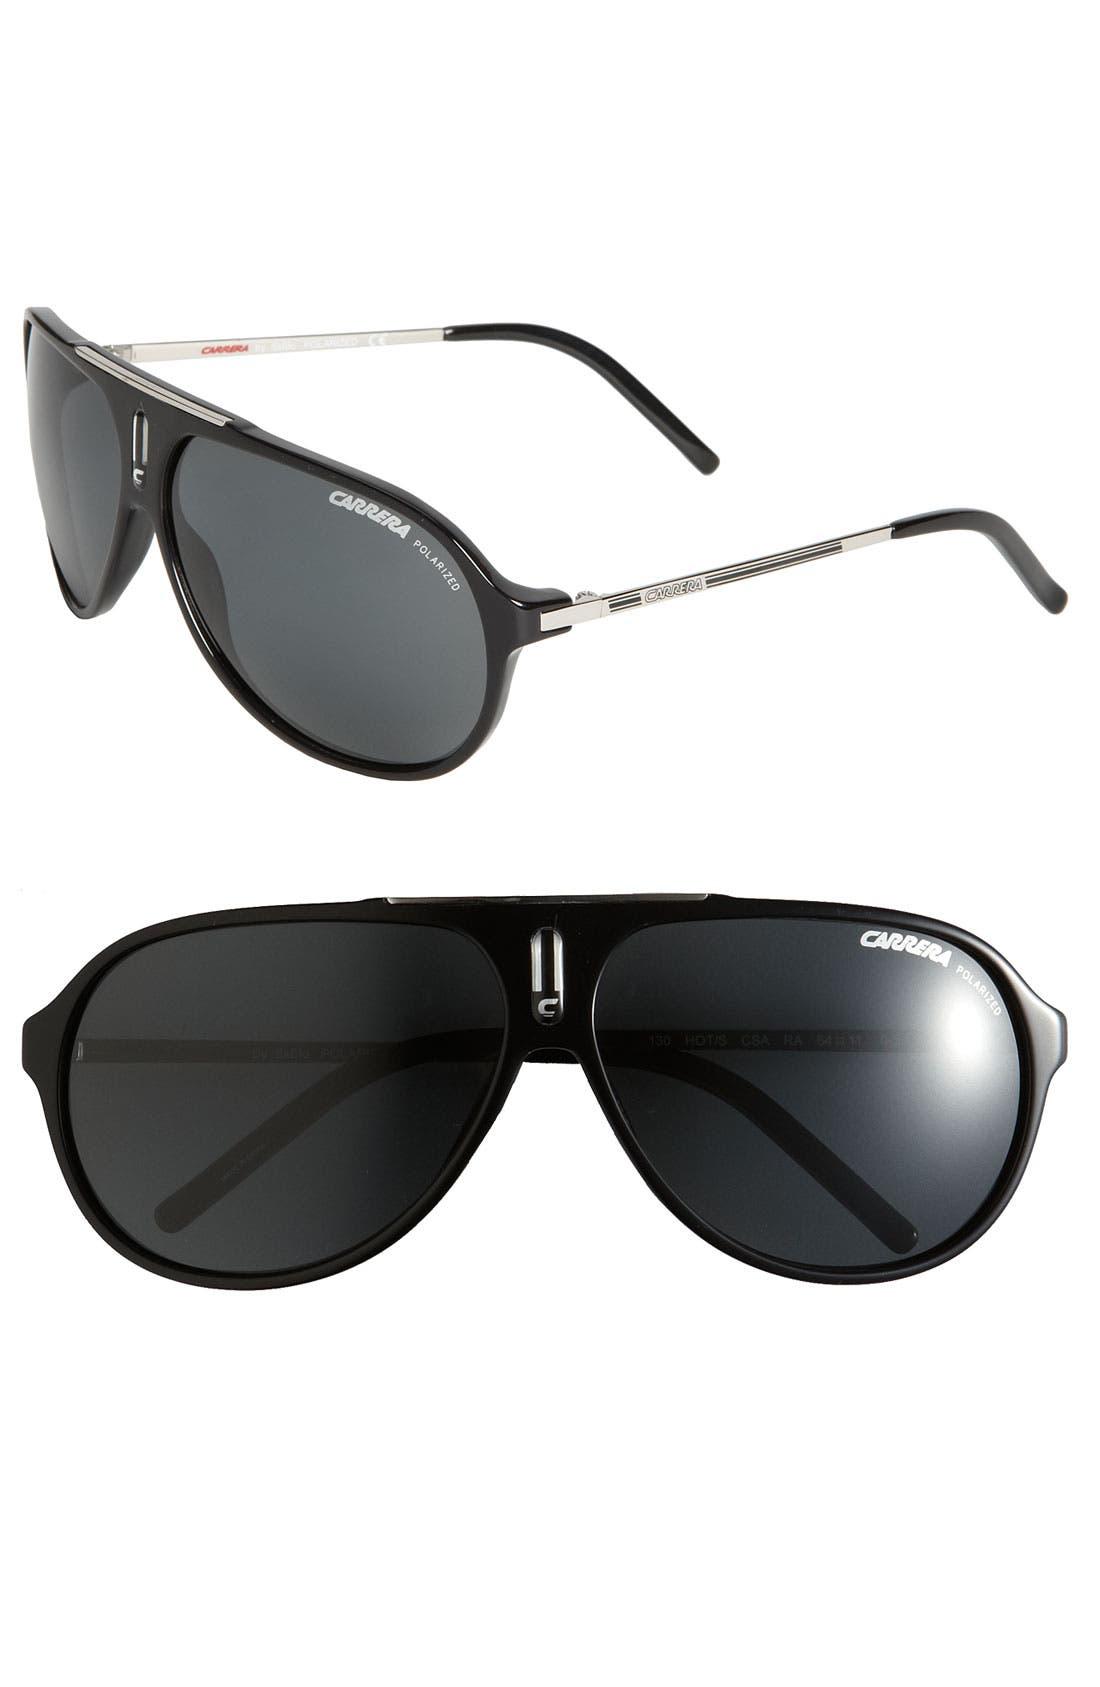 Carrera Nordstrom Sunglasses Nordstrom Nordstrom Carrera Carrera Carrera Carrera Sunglasses Nordstrom Sunglasses Nordstrom Sunglasses Carrera Sunglasses 04qdf0